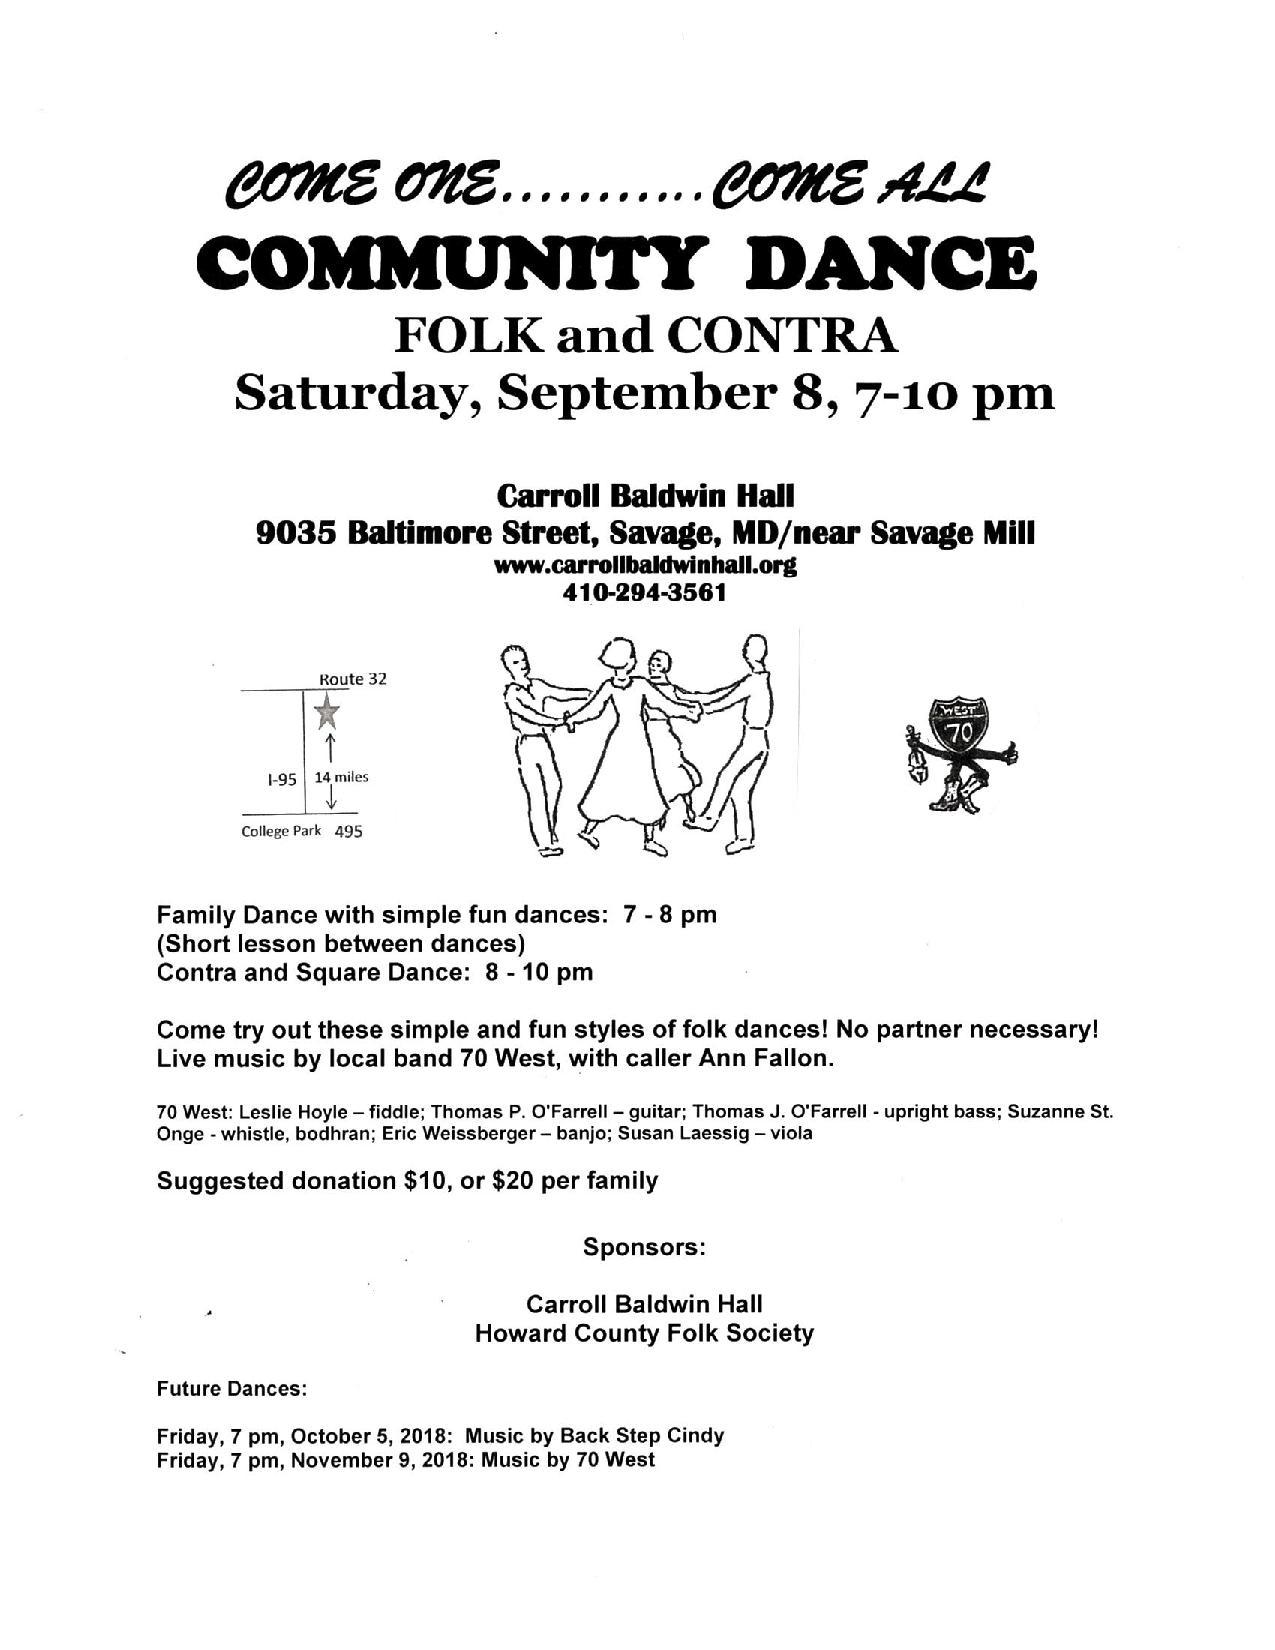 September 8 Dance Flyer